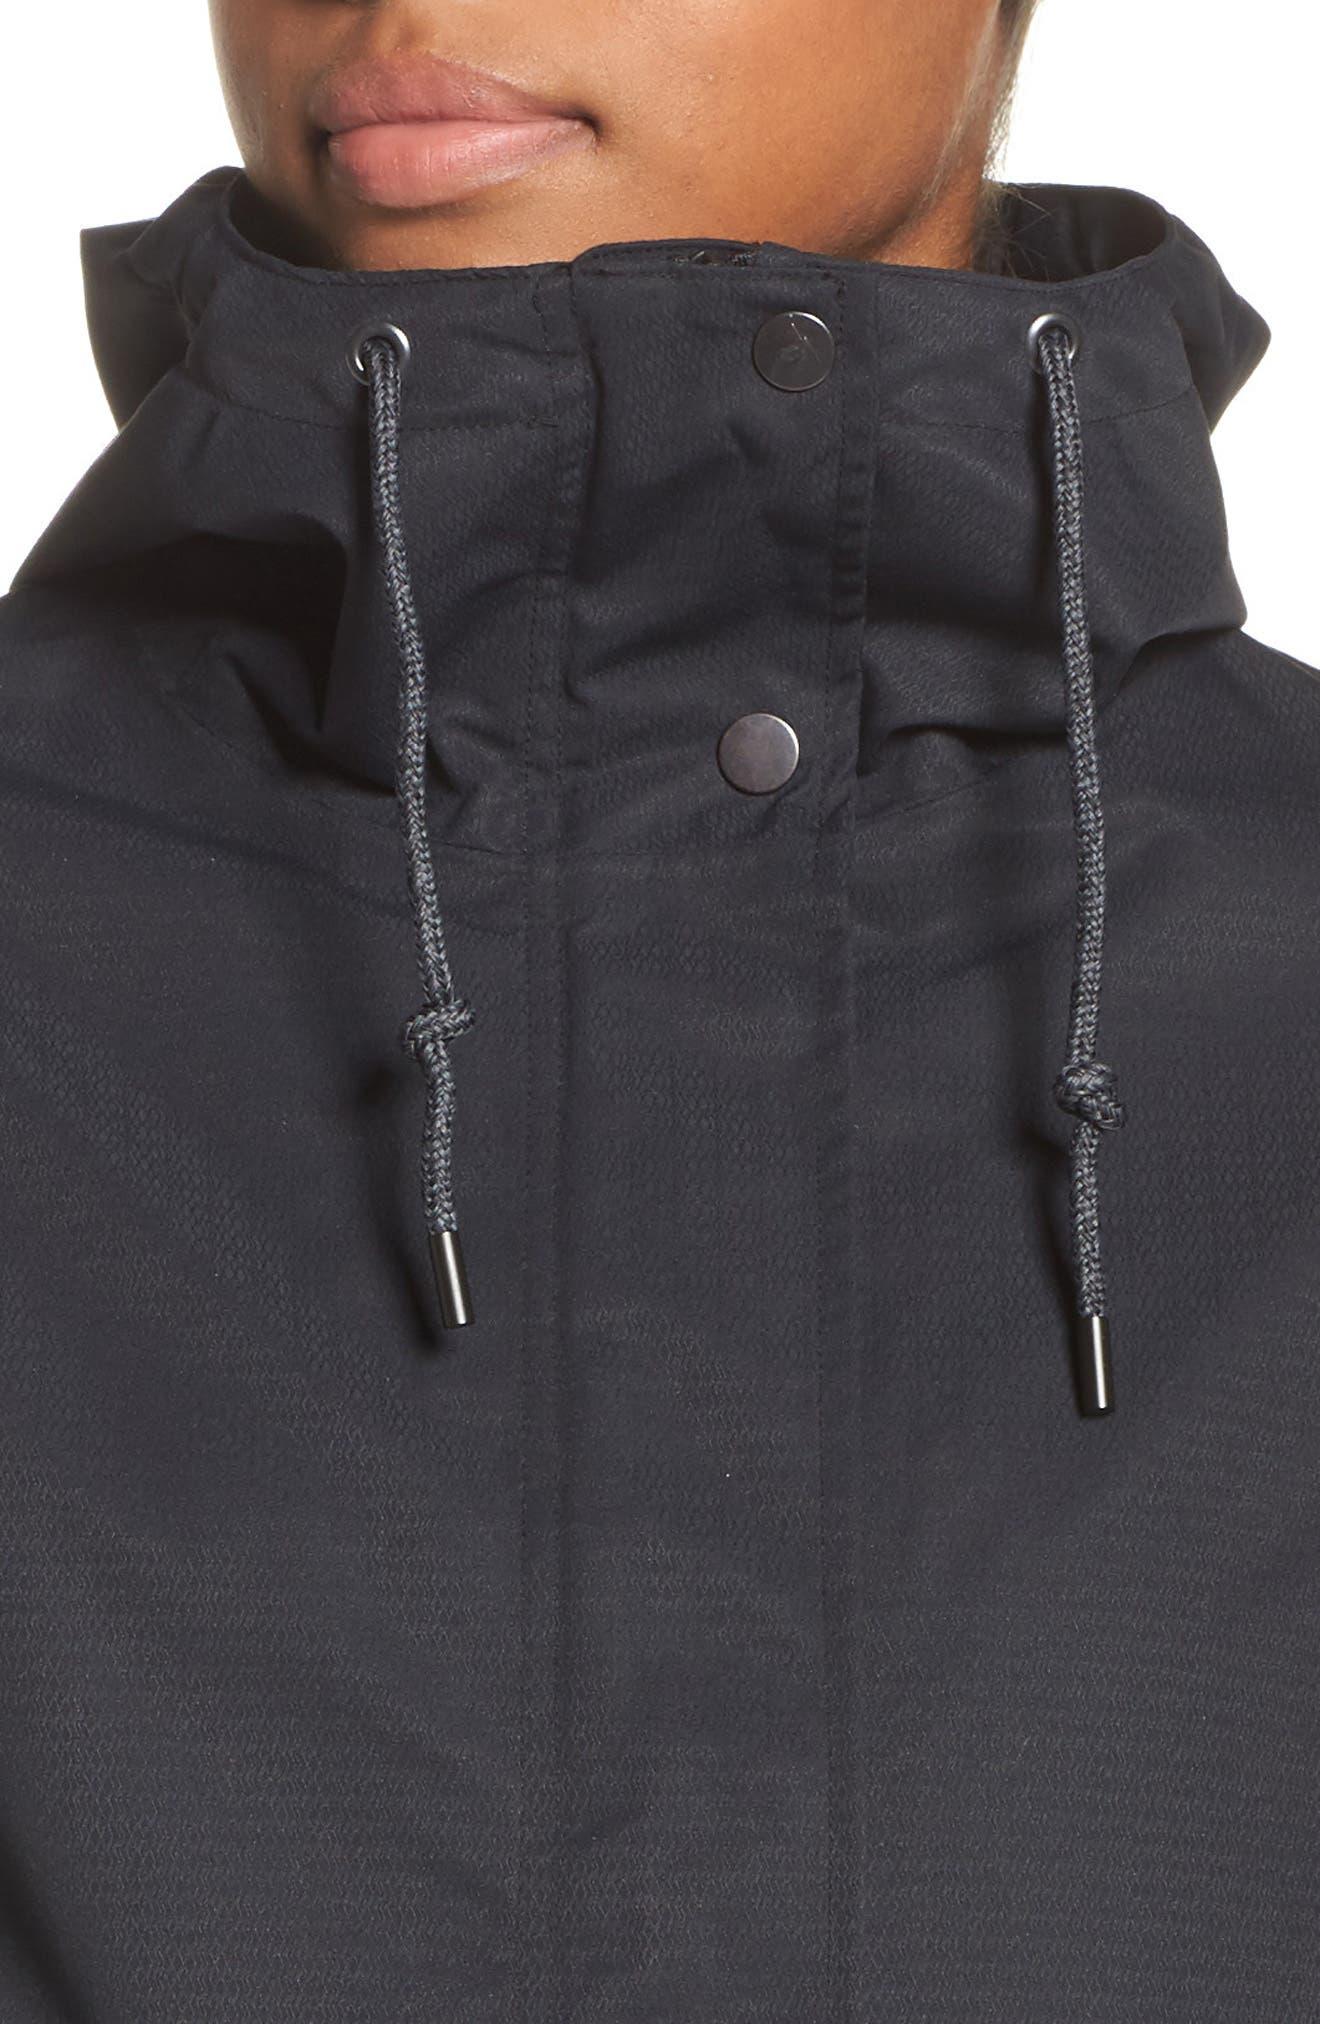 Sadie Waterproof Hooded Jacket,                             Alternate thumbnail 4, color,                             001